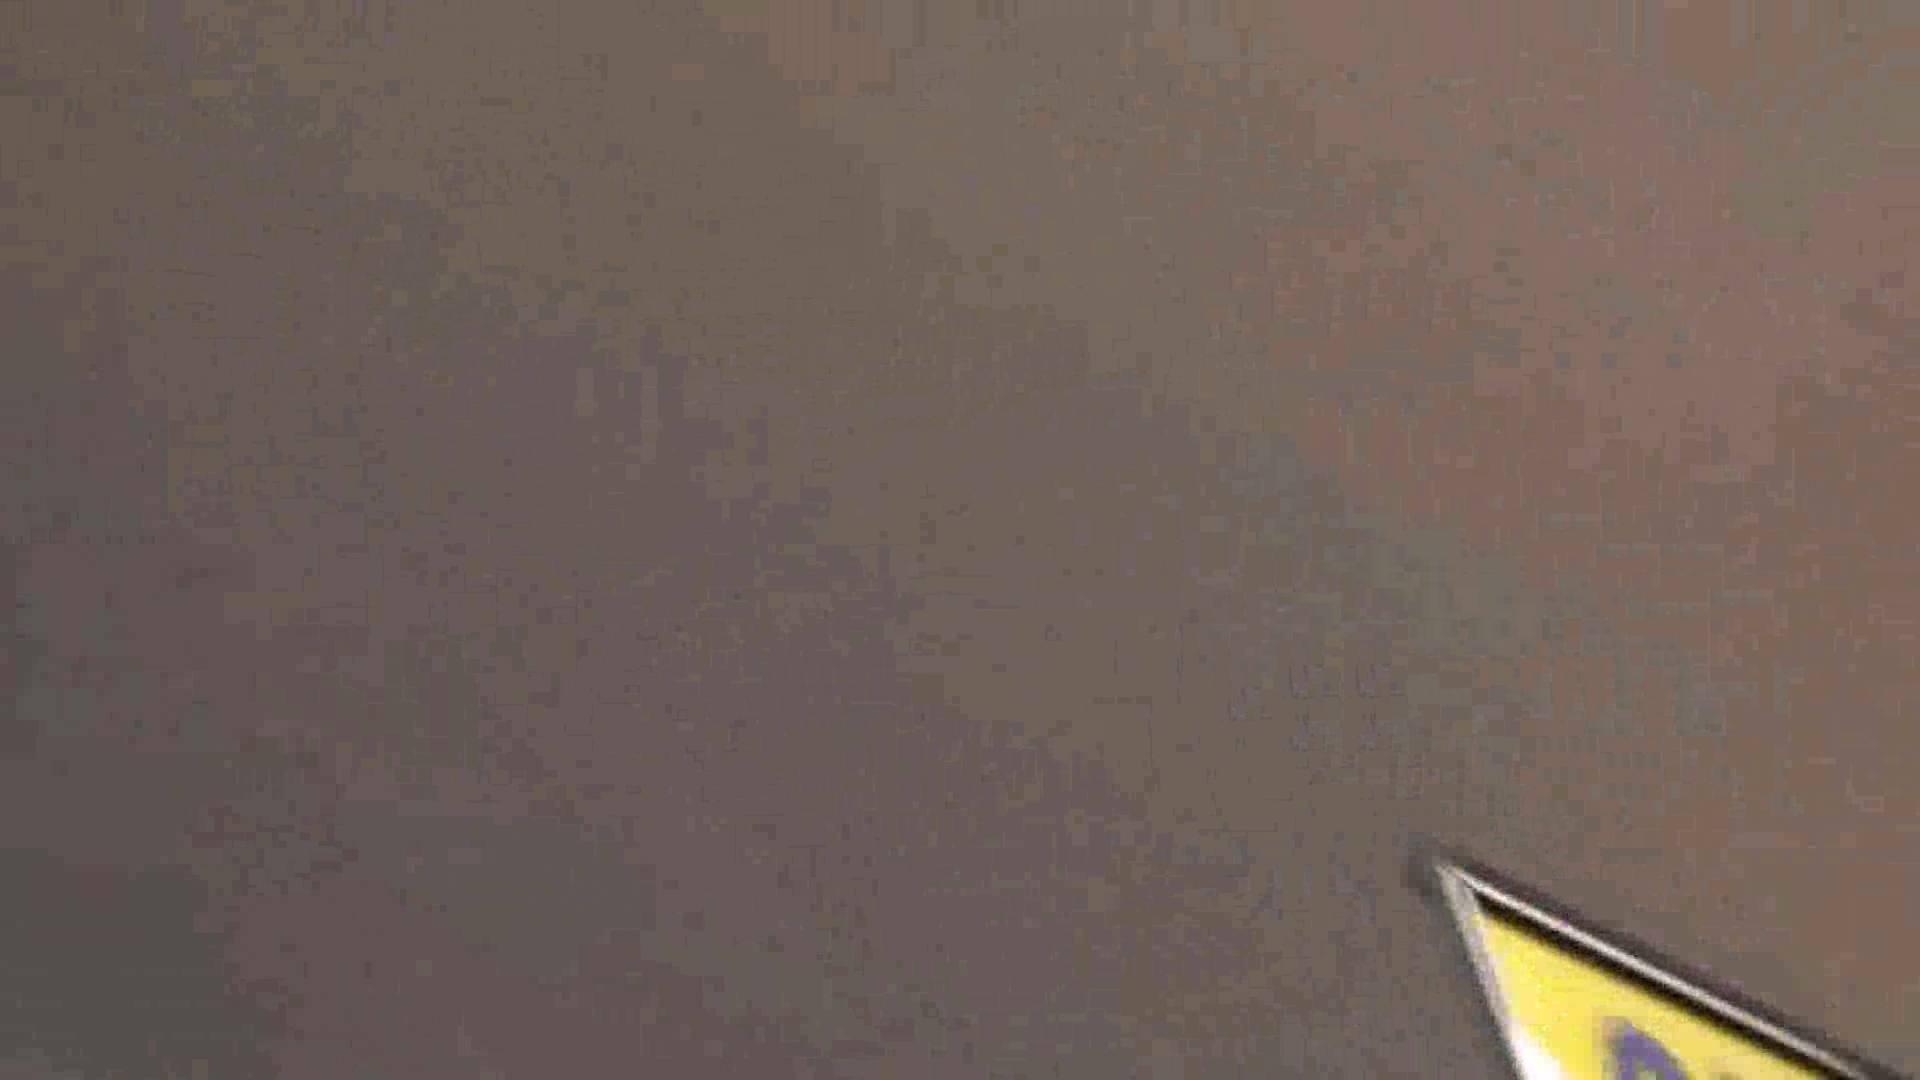 真剣に買い物中のgal達を上から下から狙います。vol.01 エッチなOL  85pic 15